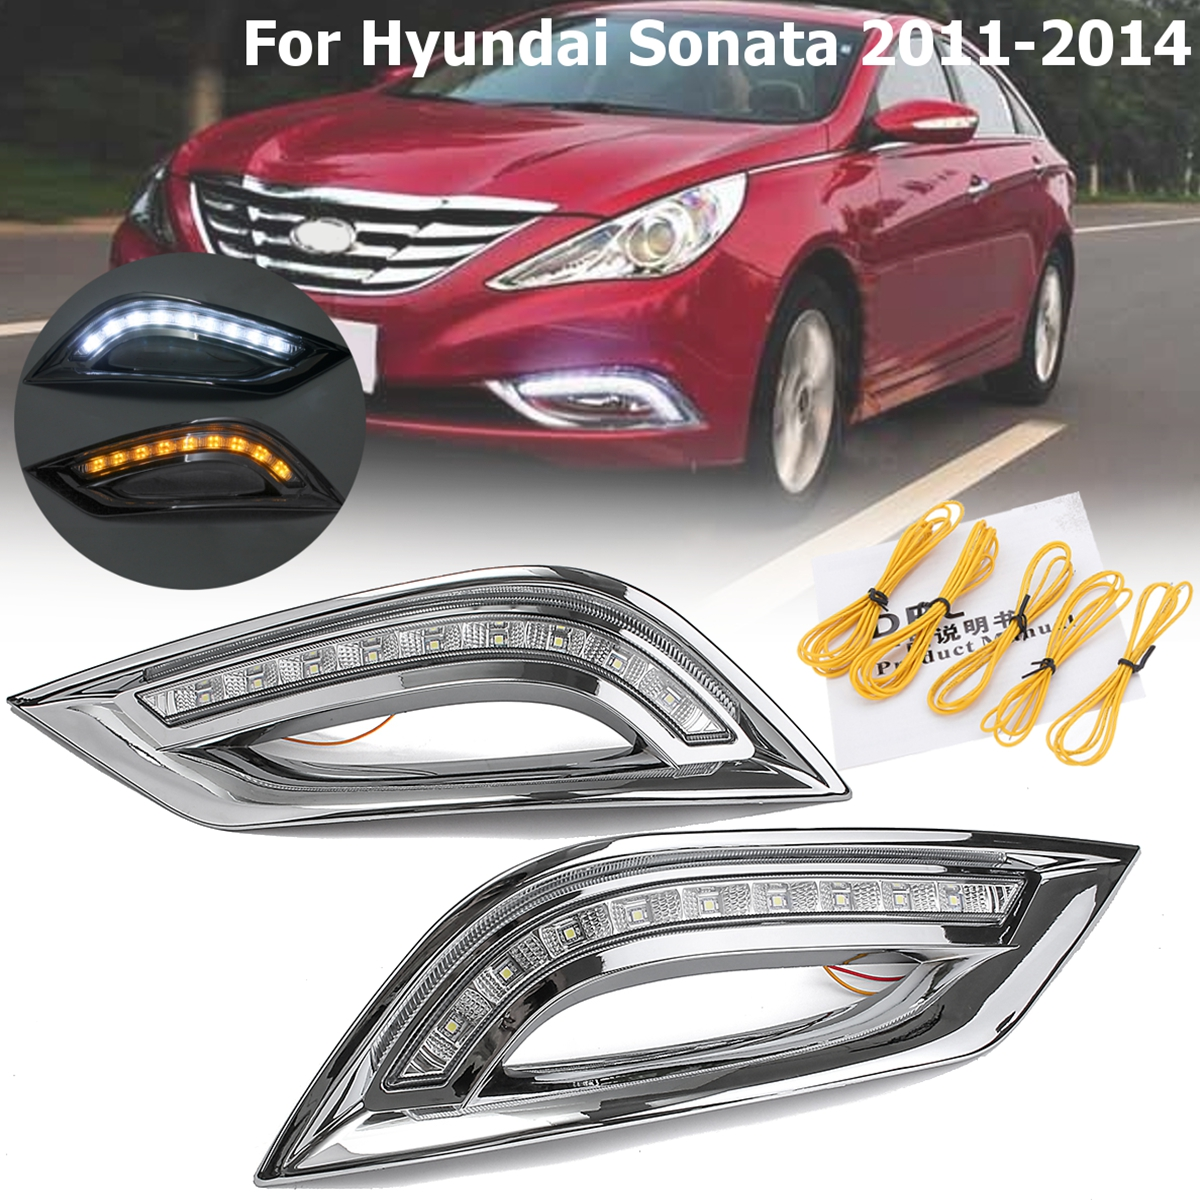 1 paire LED gauche et droite DRL feux de jour clignotant feux antibrouillard lampe pour Hyundai Sonata 2011 2012 2013 20141 paire LED gauche et droite DRL feux de jour clignotant feux antibrouillard lampe pour Hyundai Sonata 2011 2012 2013 2014